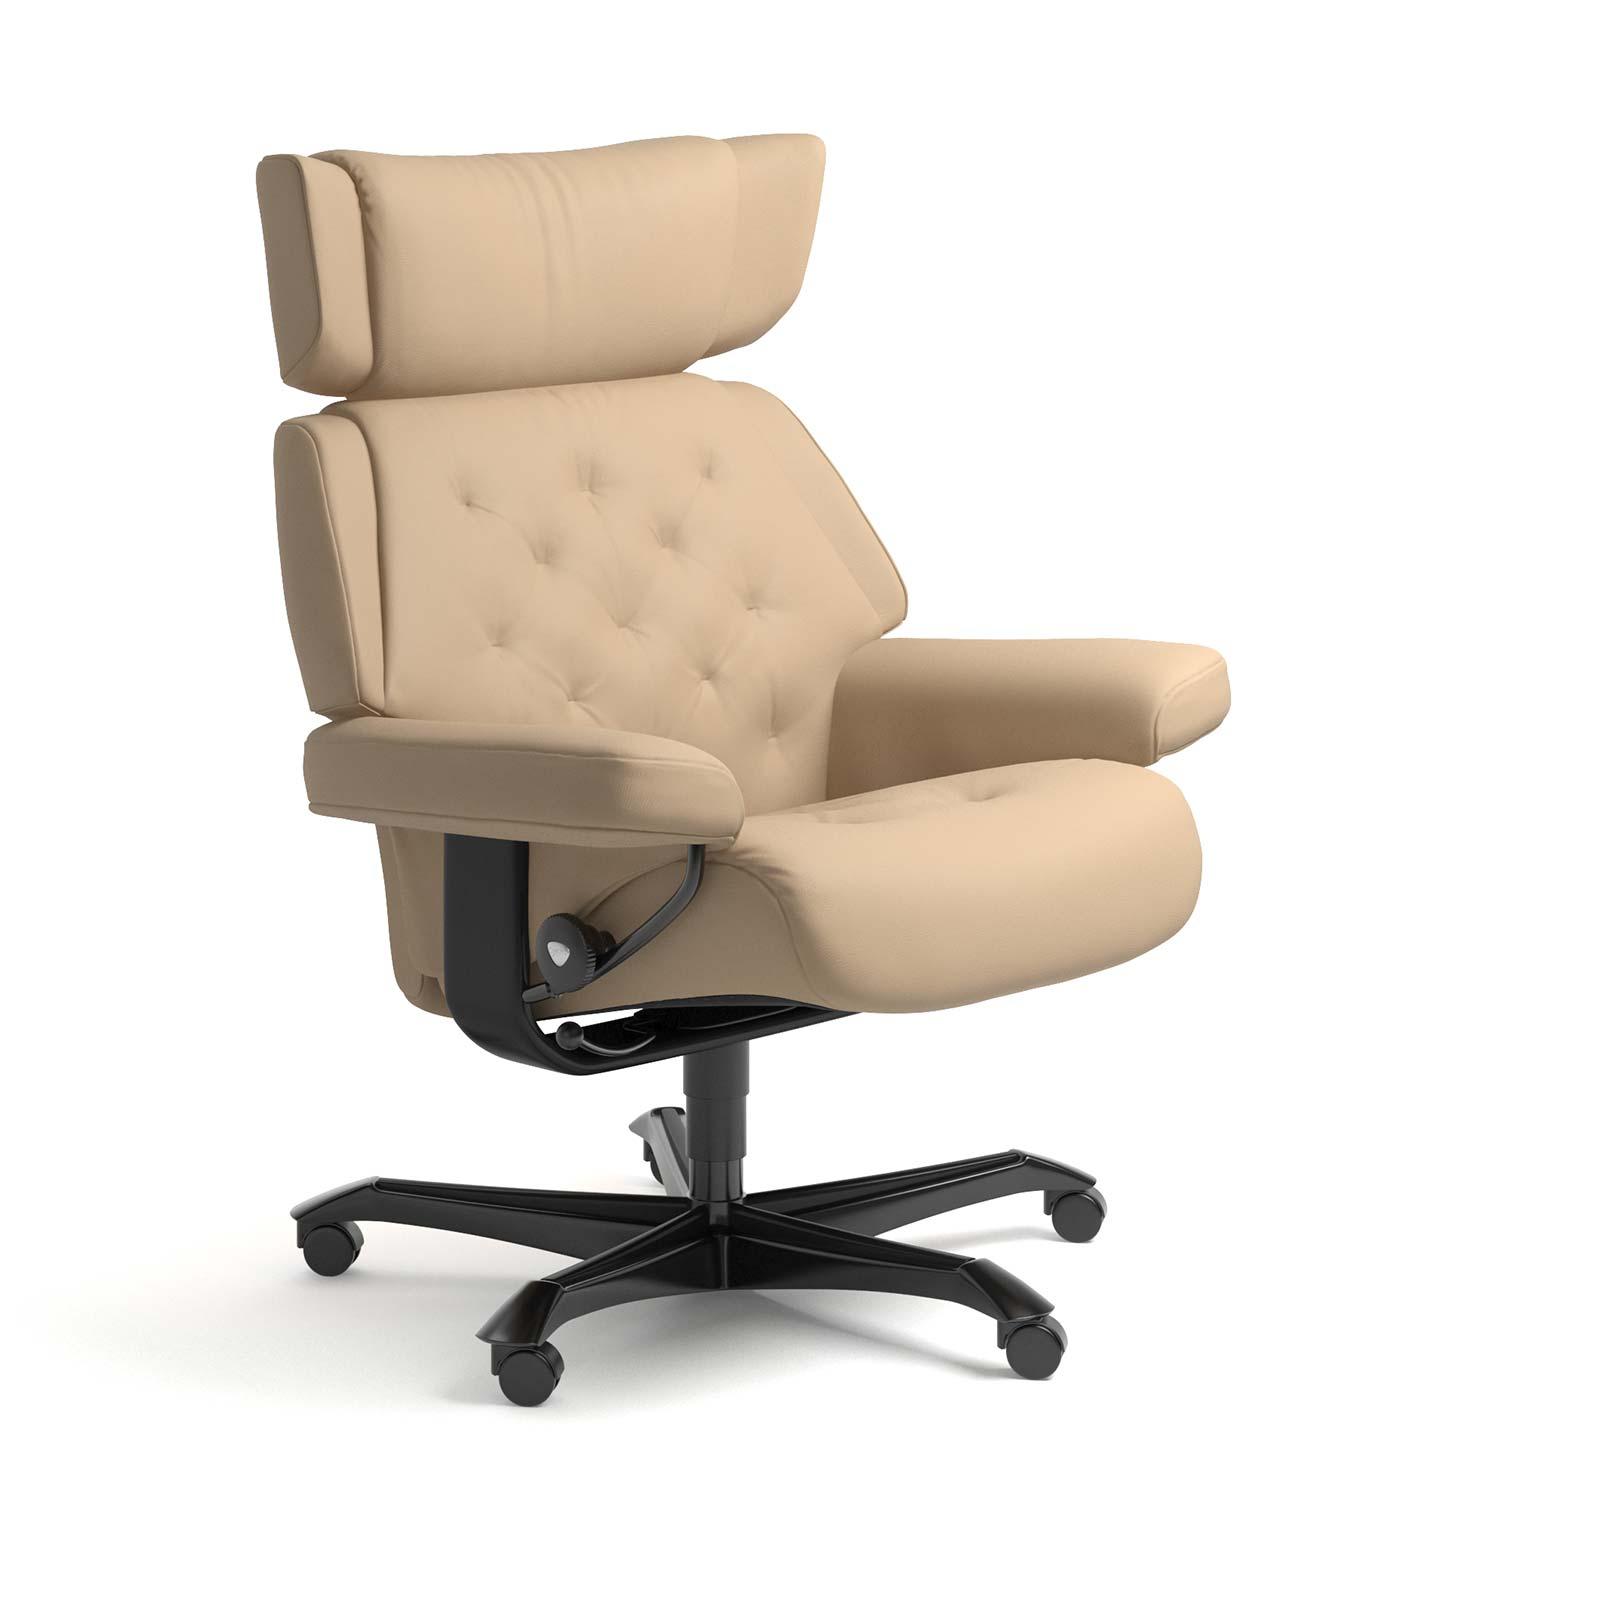 Stressless Sessel SKYLINE Home Office Leder Paloma beige